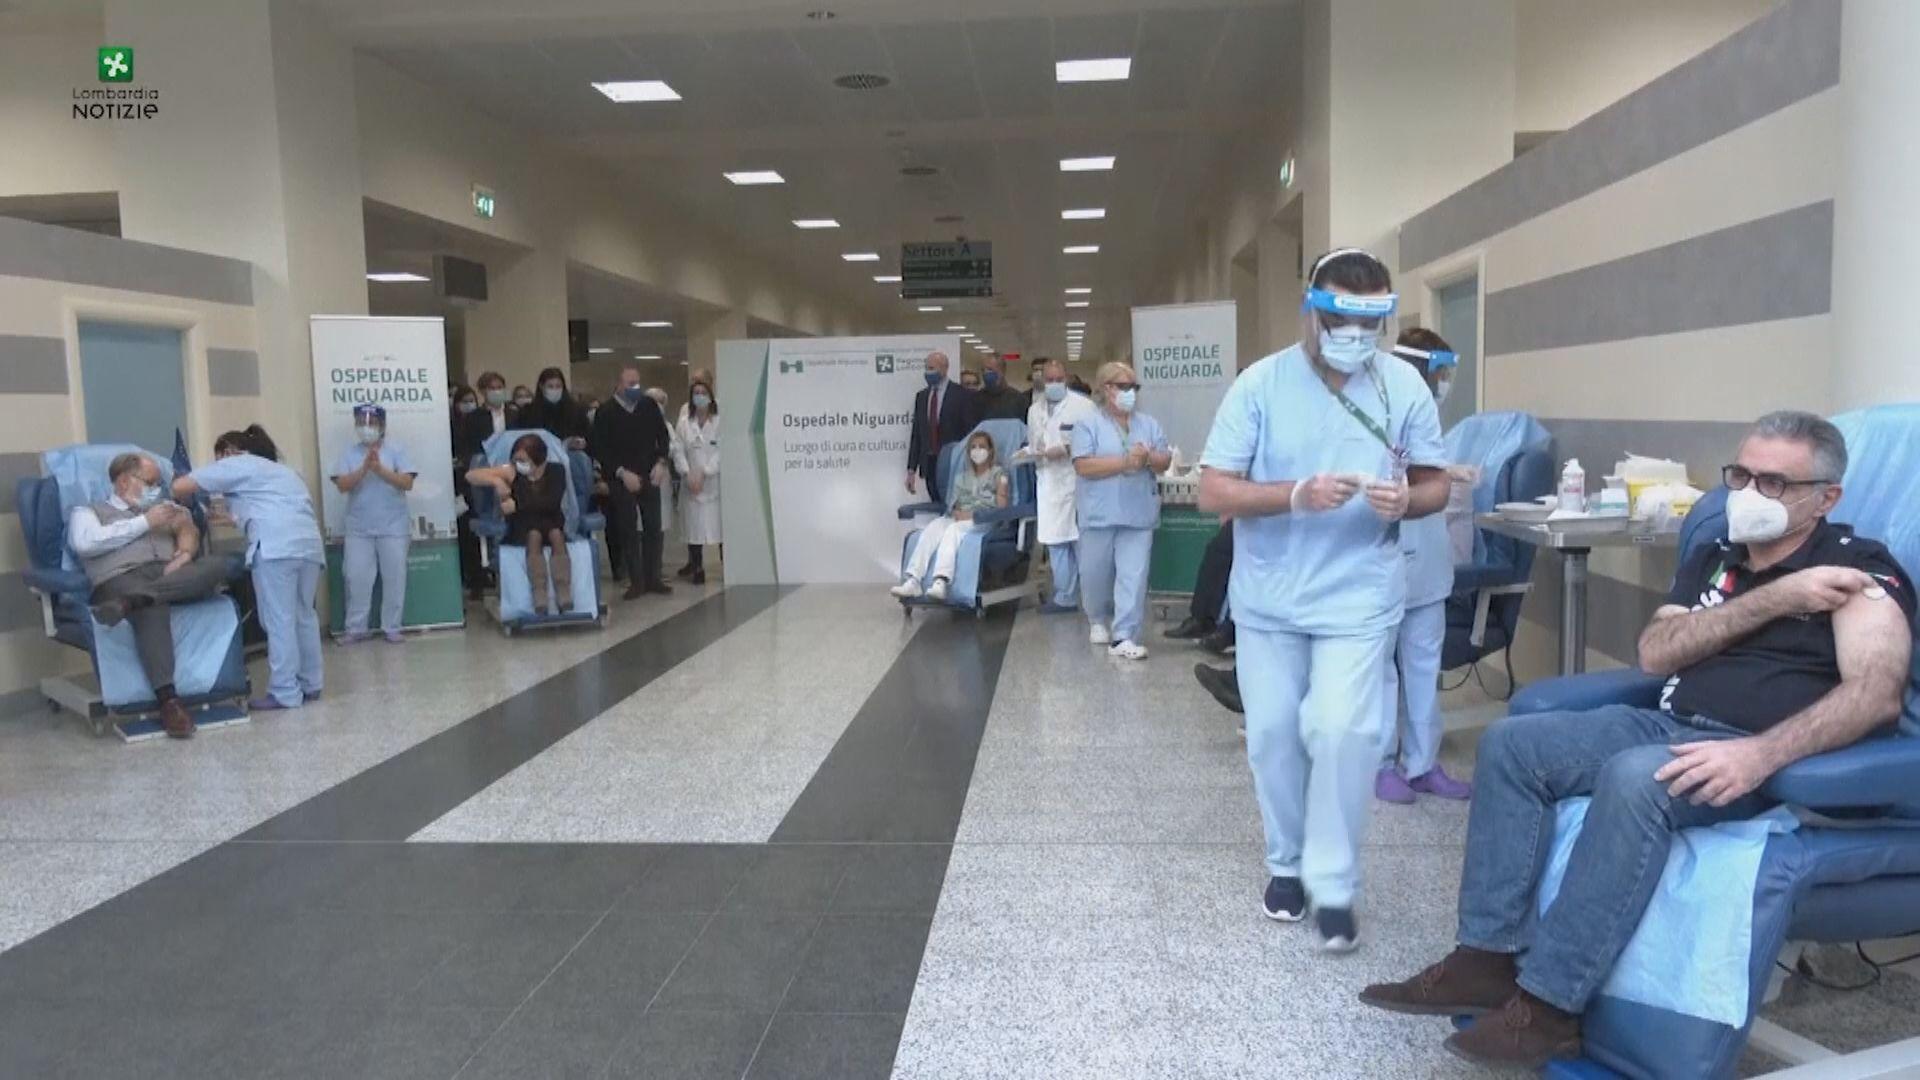 美國西班牙有護士接種疫苗後確診